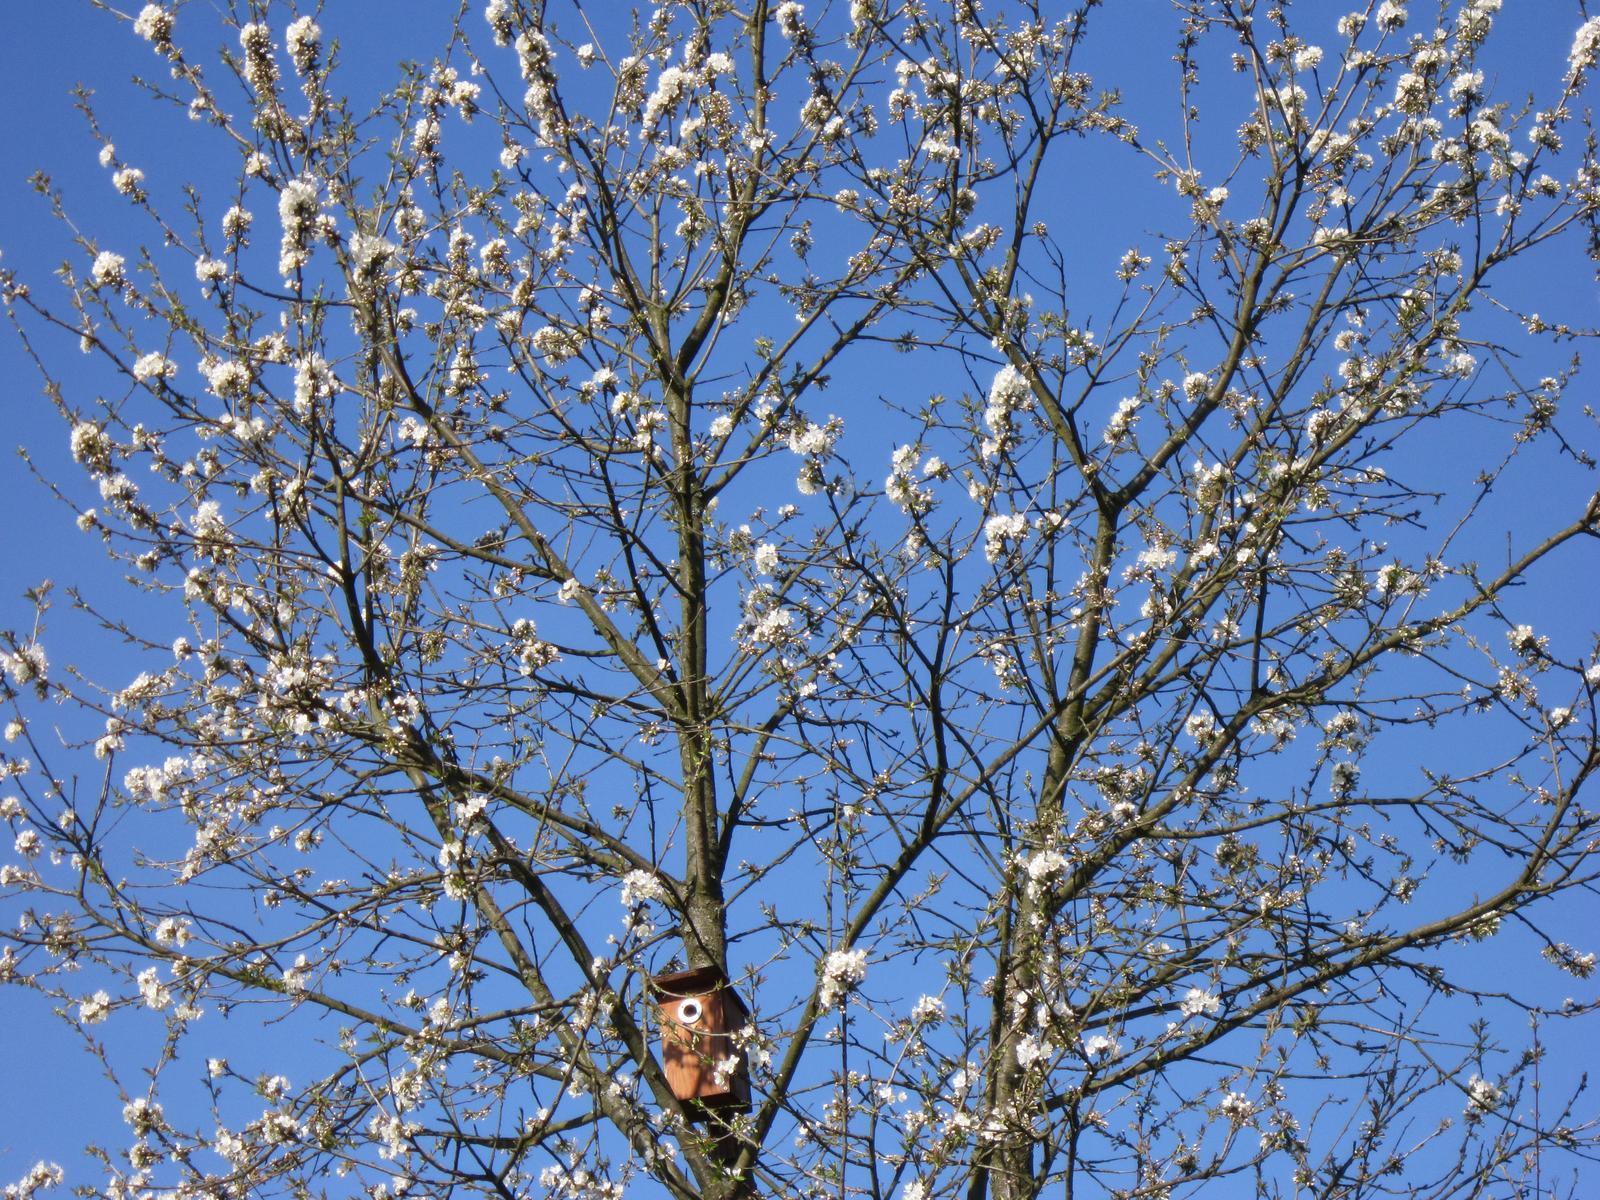 Moja záhrada...ako šiel čas - už to začína aj u nás pomaly kvitnúť...